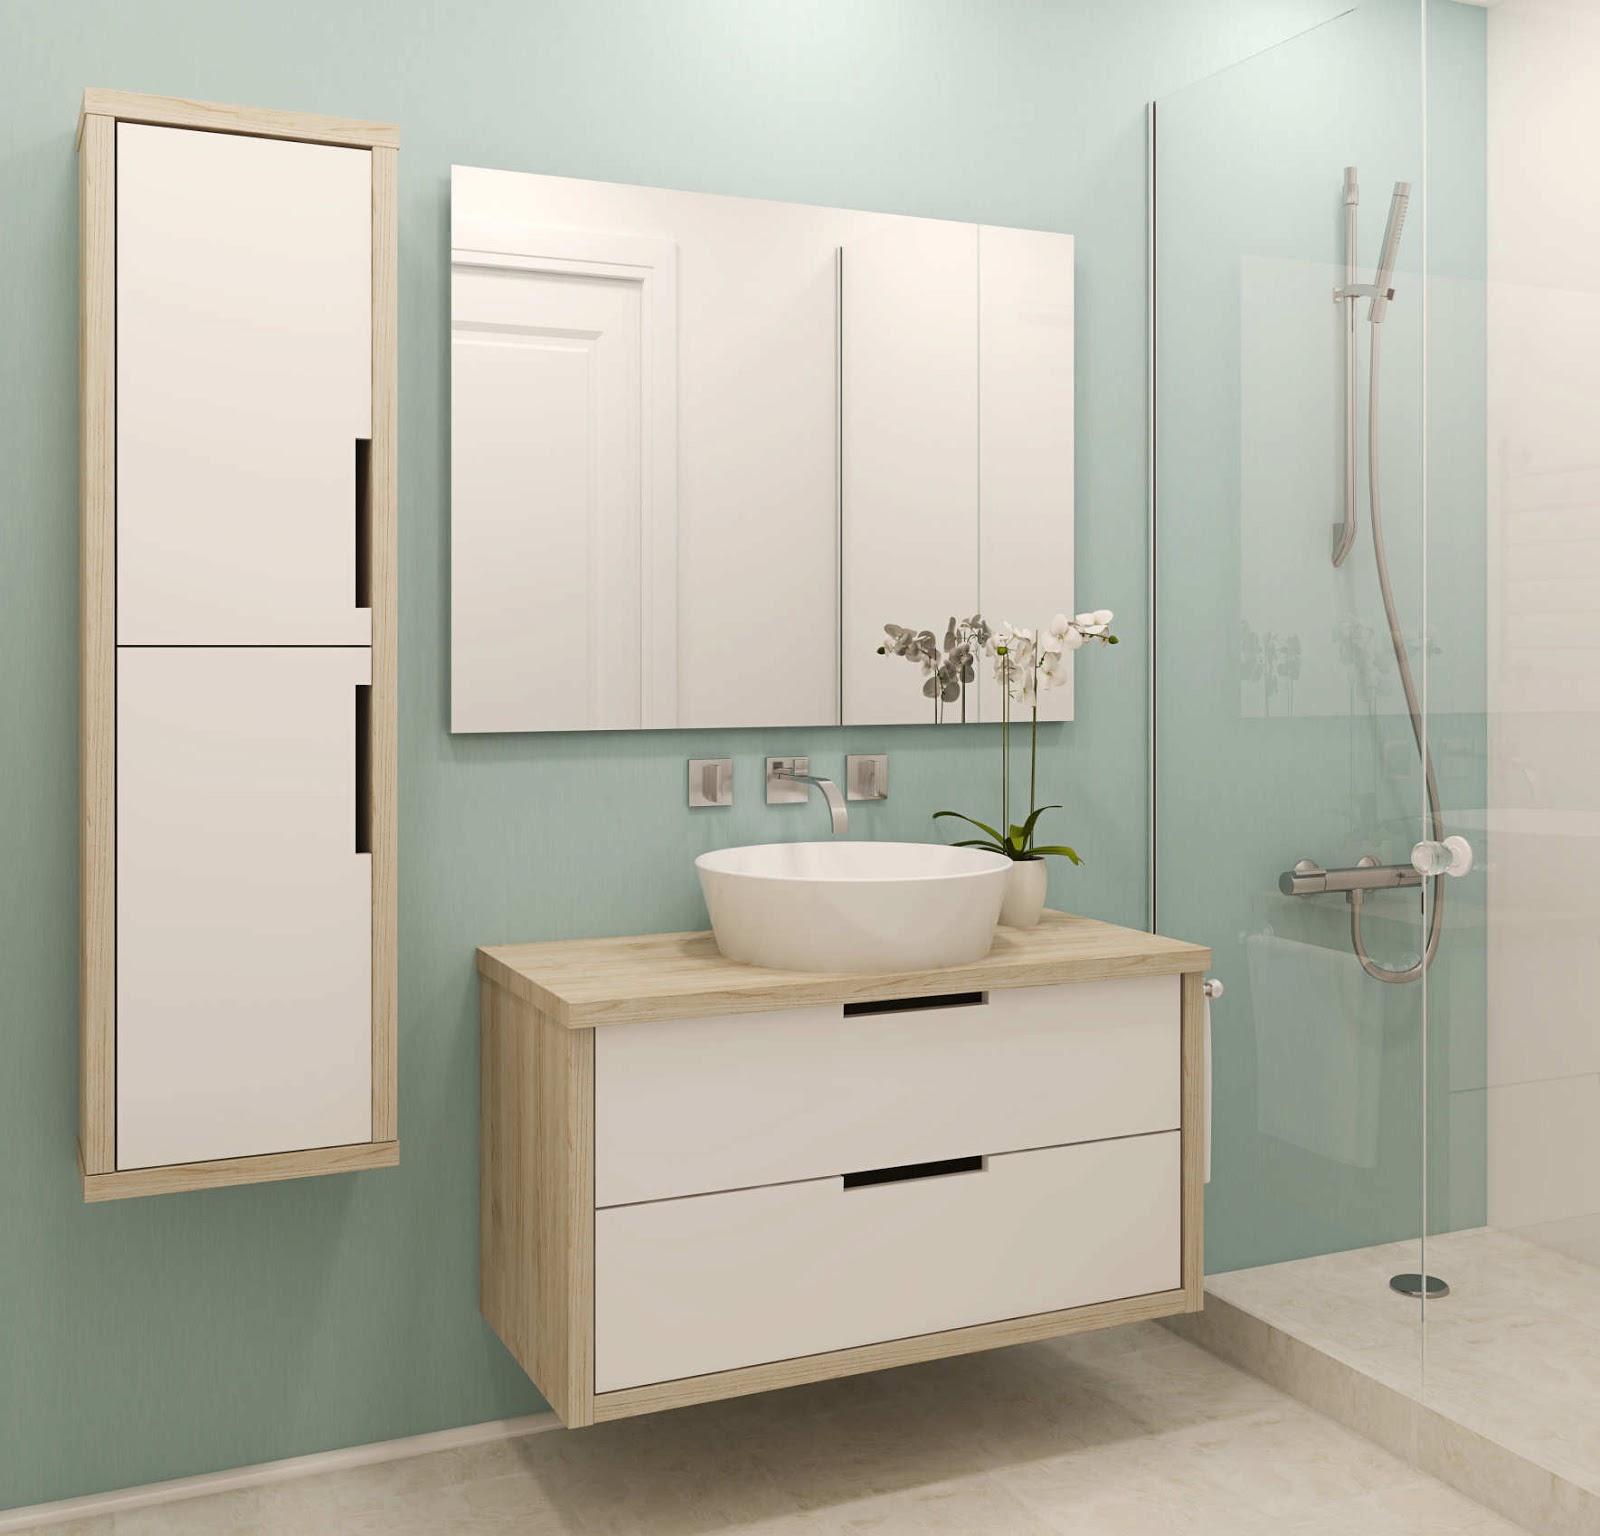 55 desain kaca kamar mandi modern dan minimalis   desainrumahnya